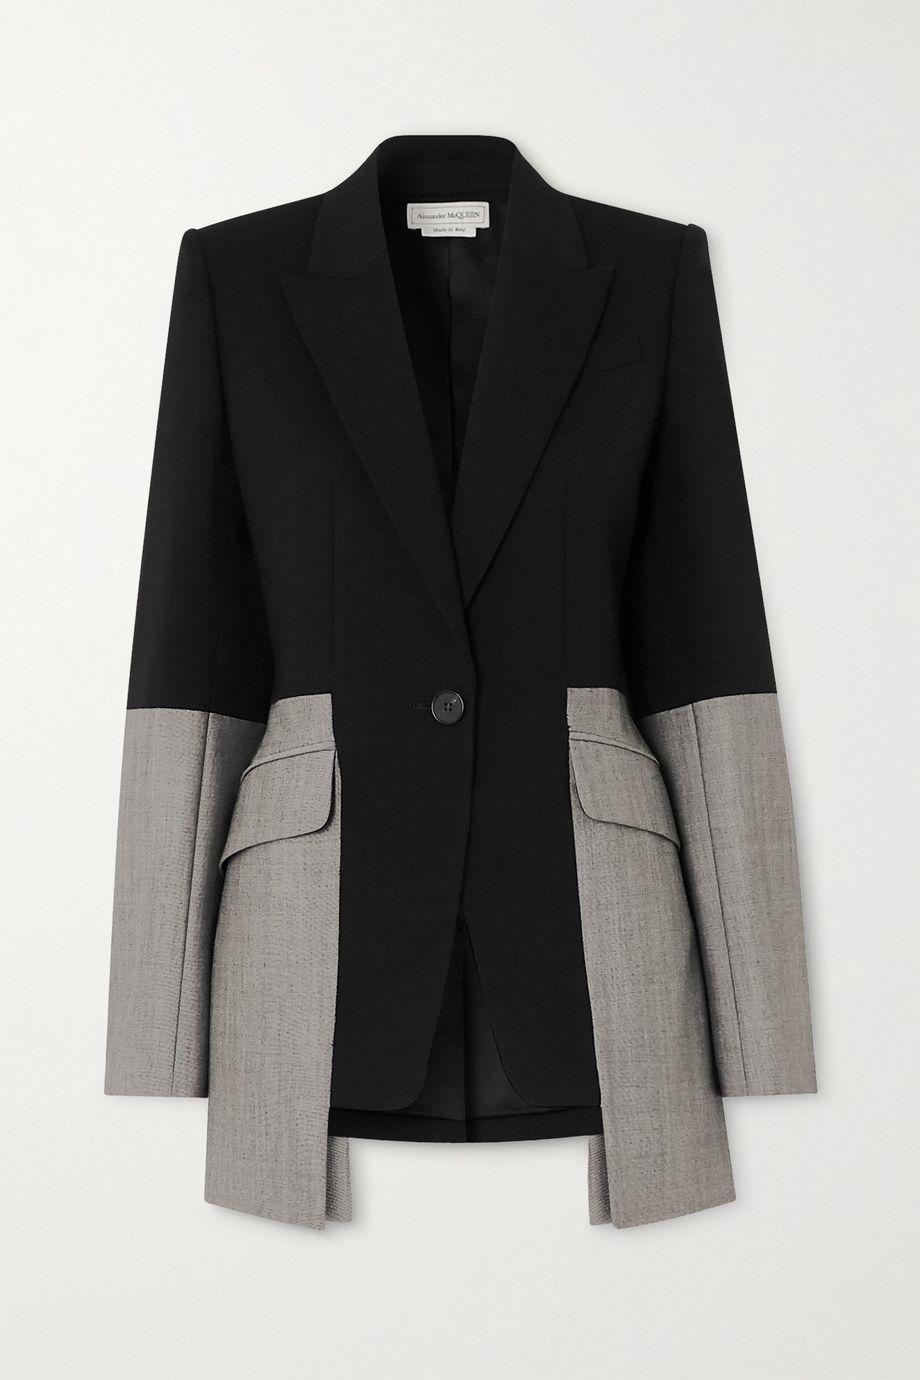 Alexander McQueen Zweifarbiger Blazer aus einer Wollmischung